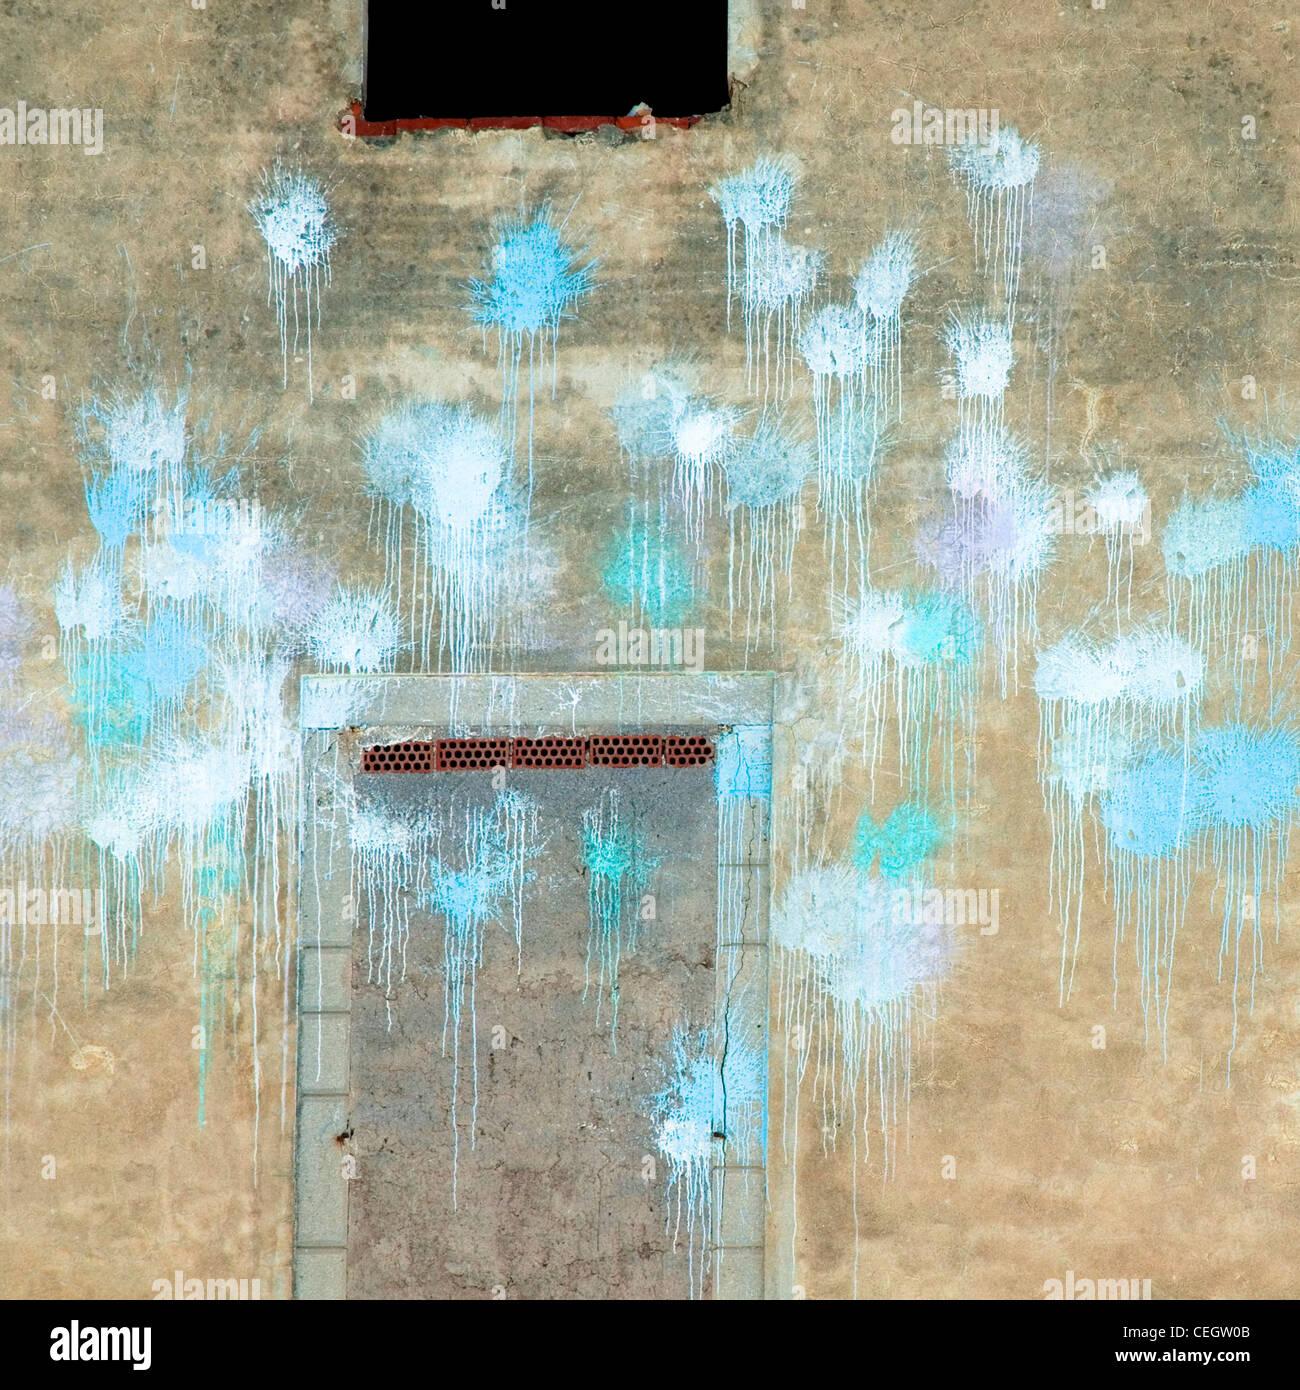 Frente do prédio vazio com manchas de tinta azul Imagens de Stock